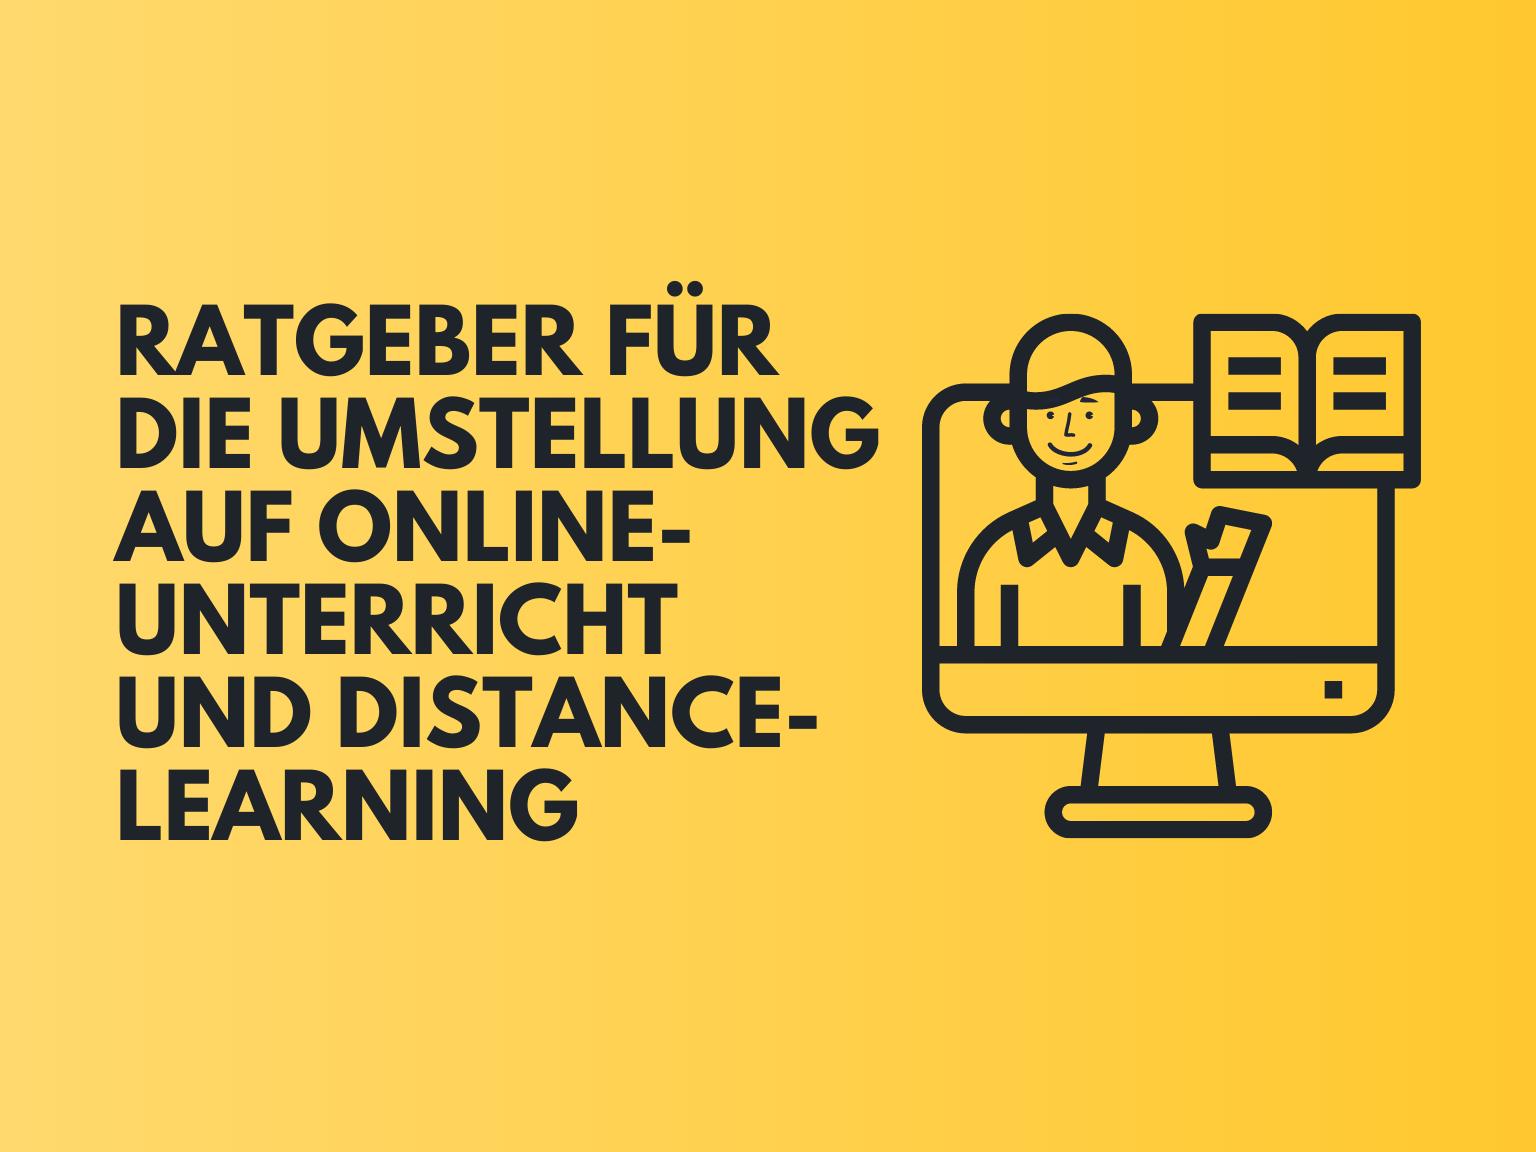 Dieser Ratgeber enthält Tipps, wie die Umstellung auf die Online-Lehre gelingt.